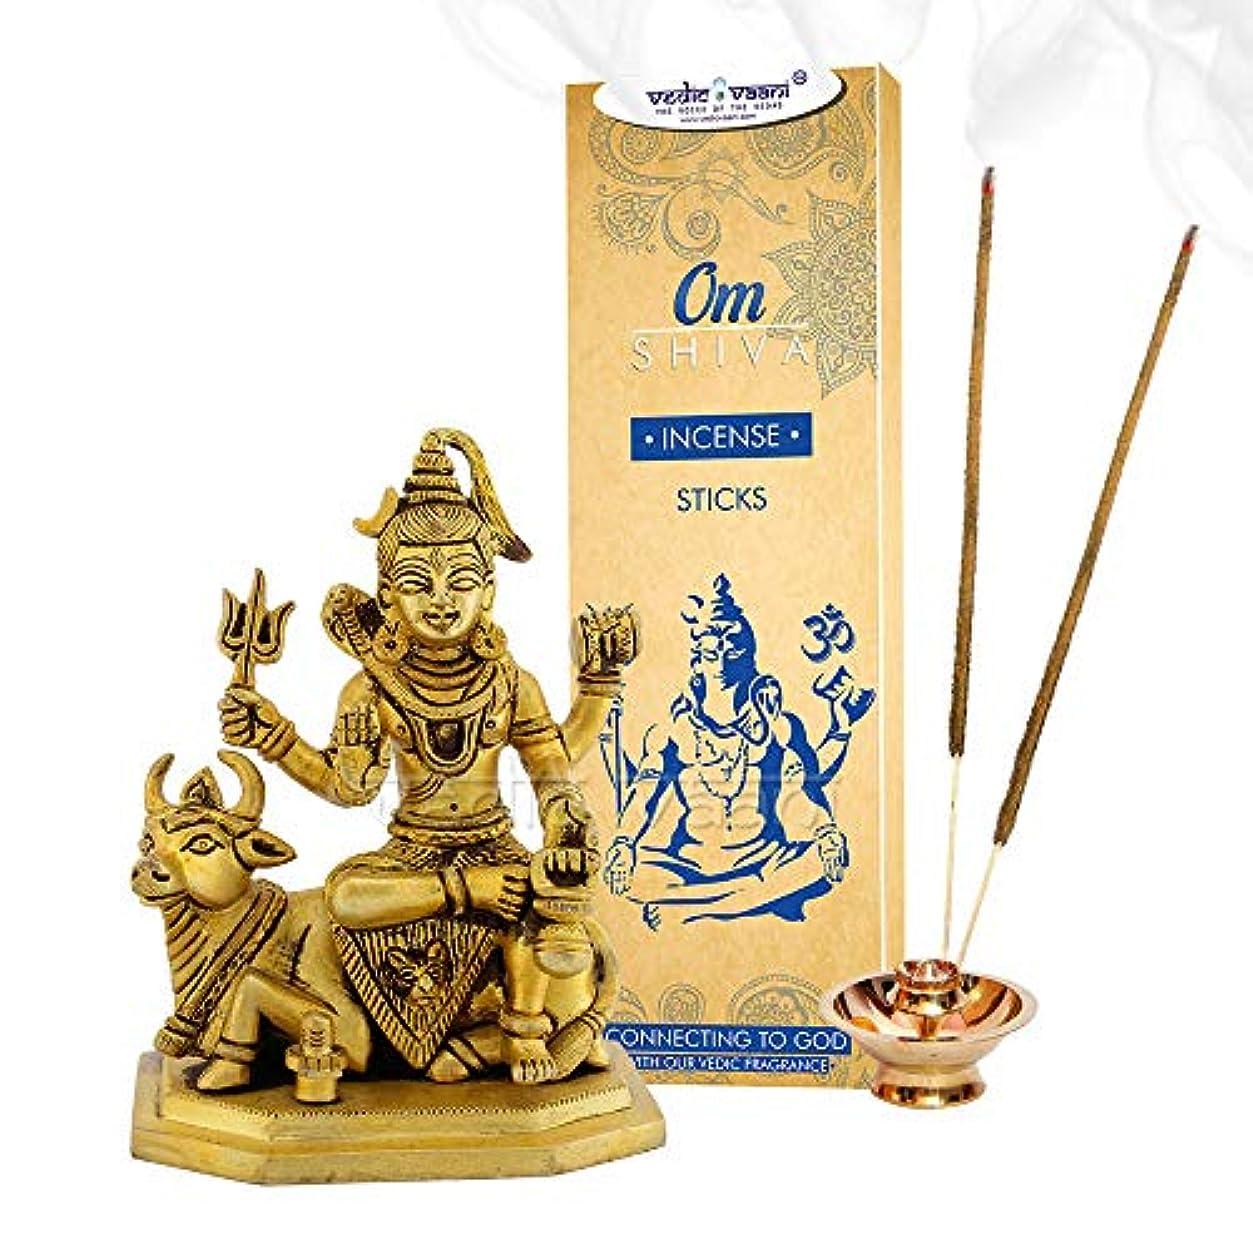 会話静かに前提Vedic Vaani Bhagwan シャンカー シーヴァ インセンススティック付き Divine Bull Nandi